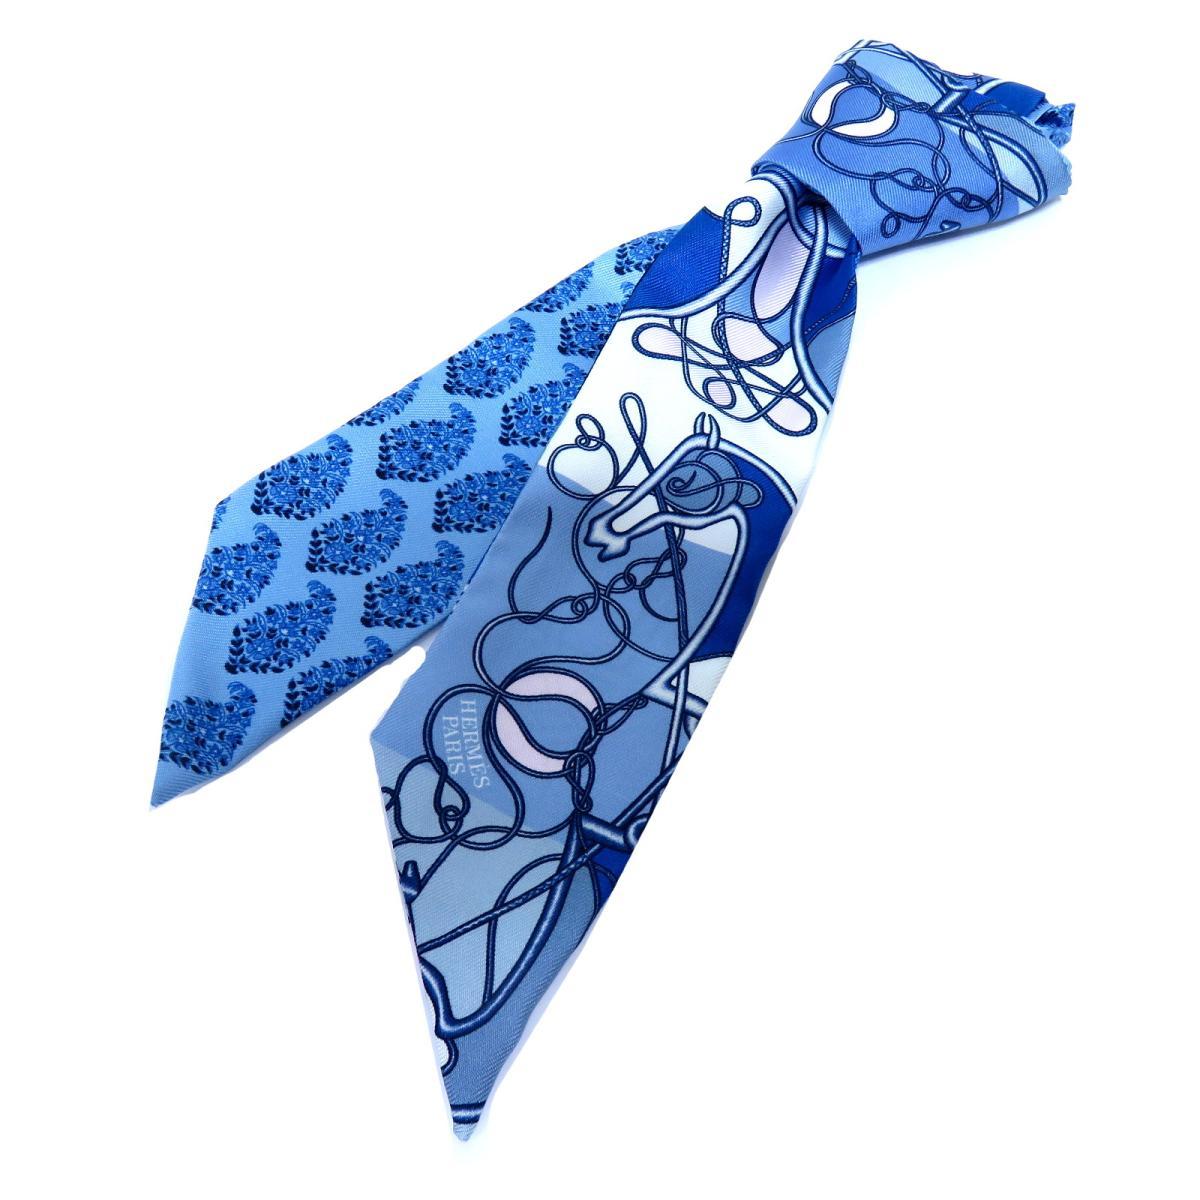 エルメス トゥイリー スカーフ レディース シルク BLEU BLANC ROSE | HERMES スカーフ ツイリー 新品 ブランドオフ